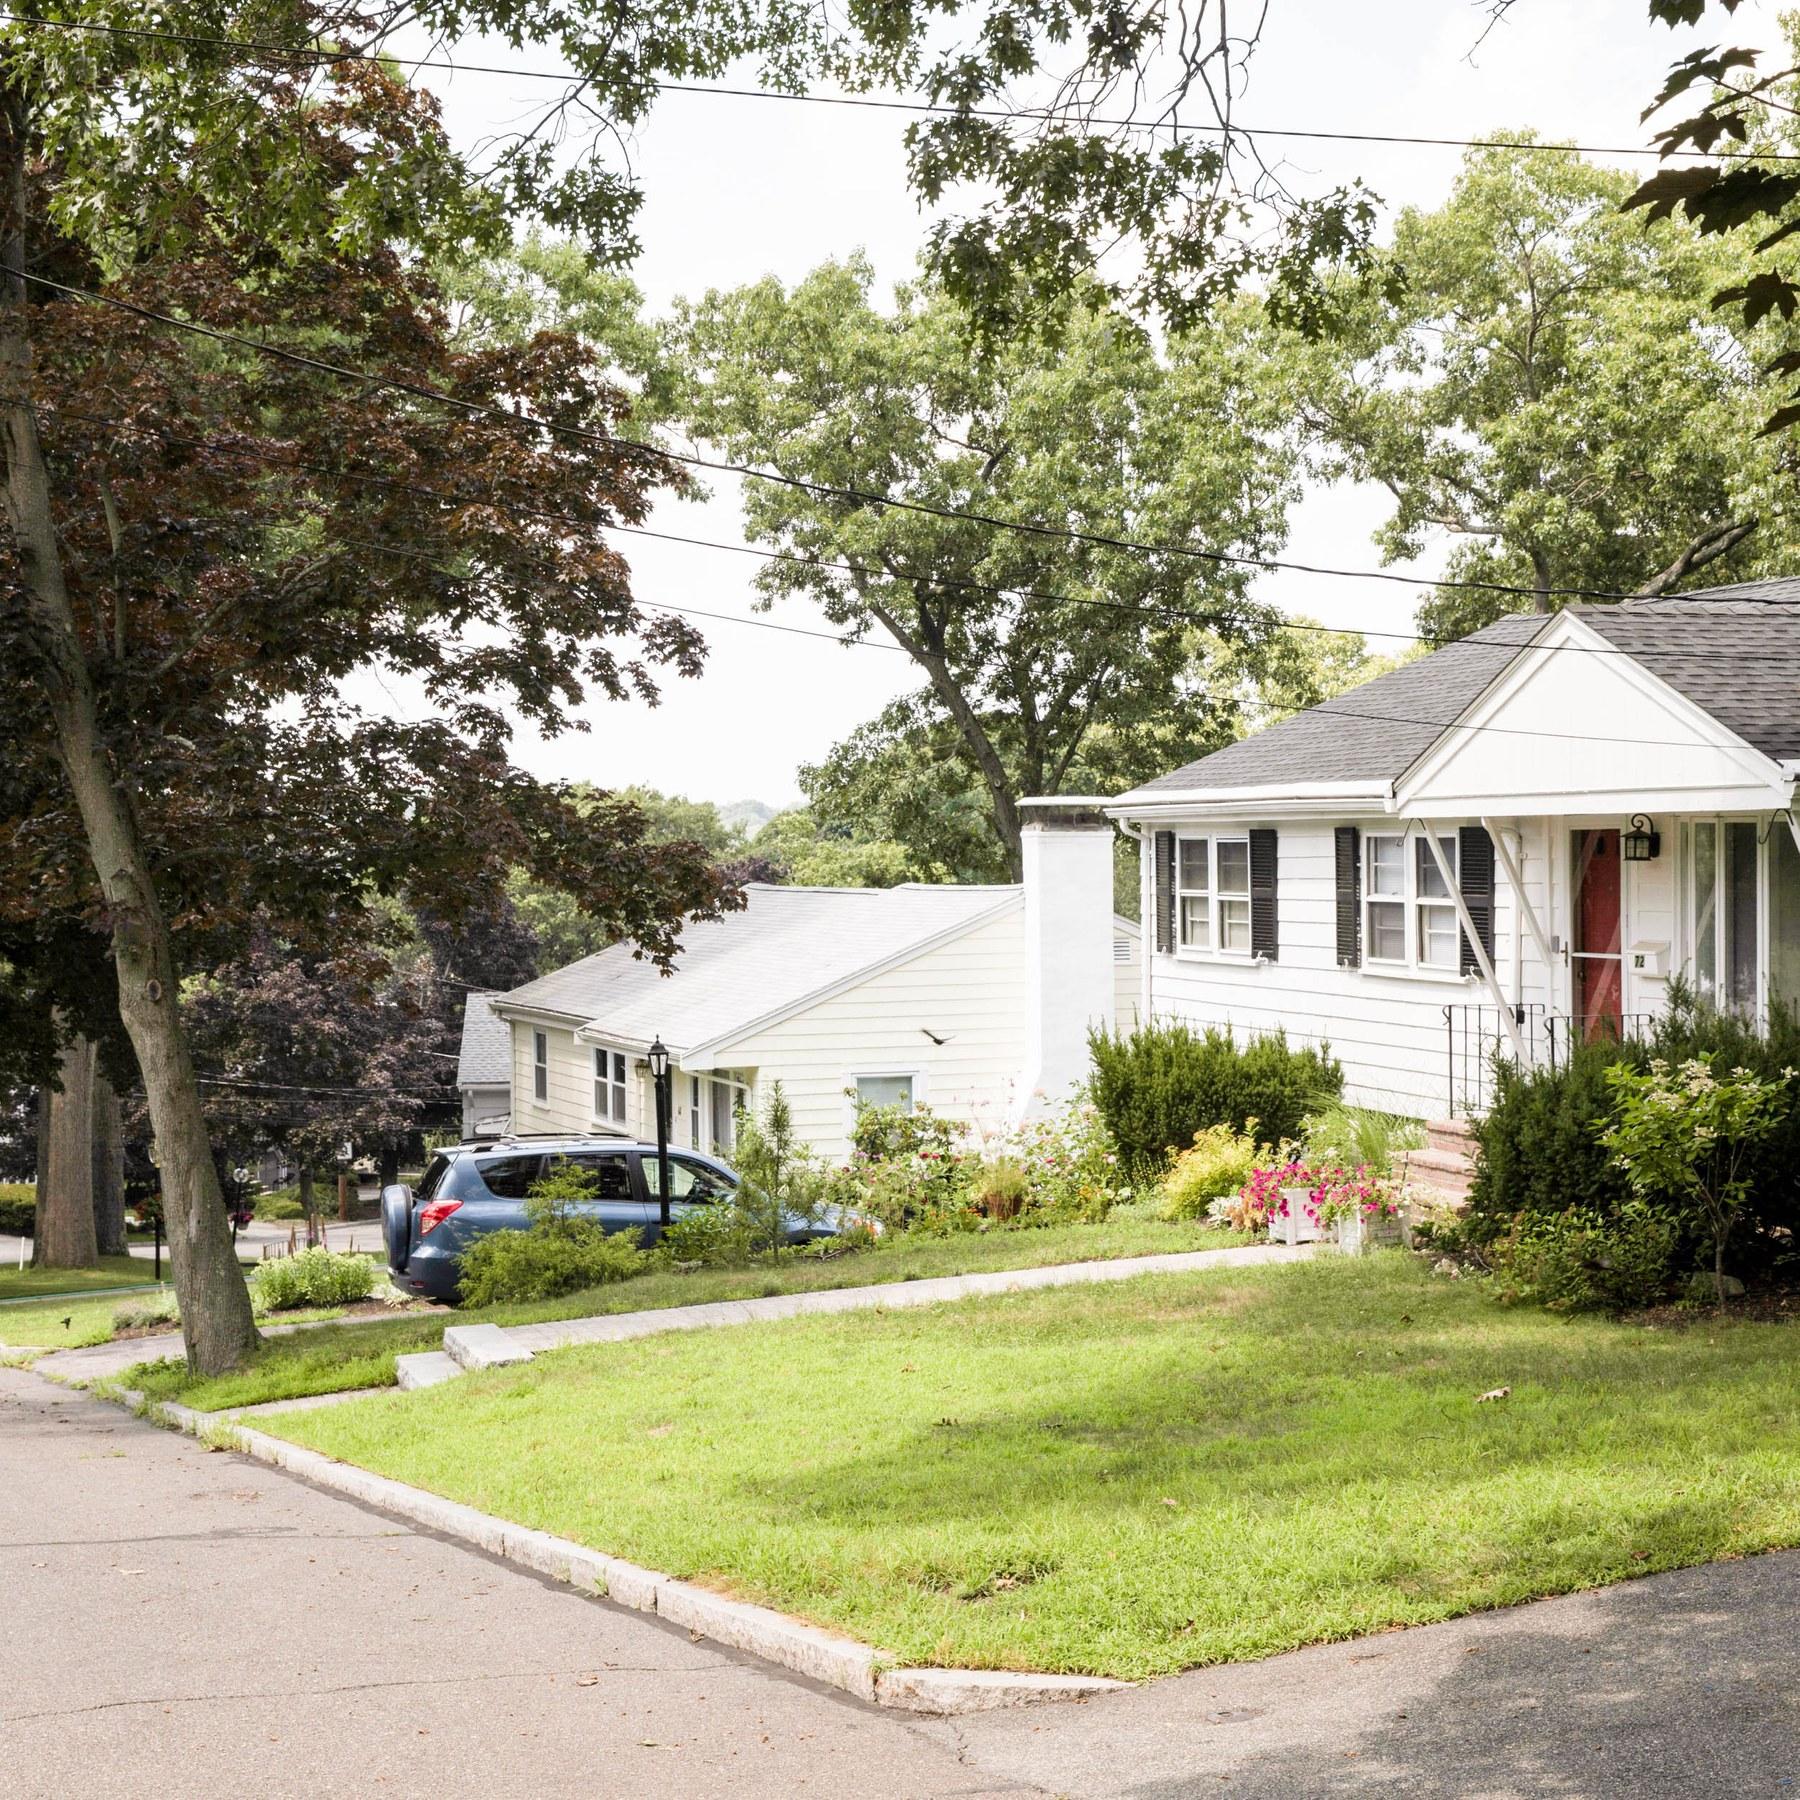 Local Com Homes For Rent: Oak Grove/Pine Banks, Melrose MA - Neighborhood Guide